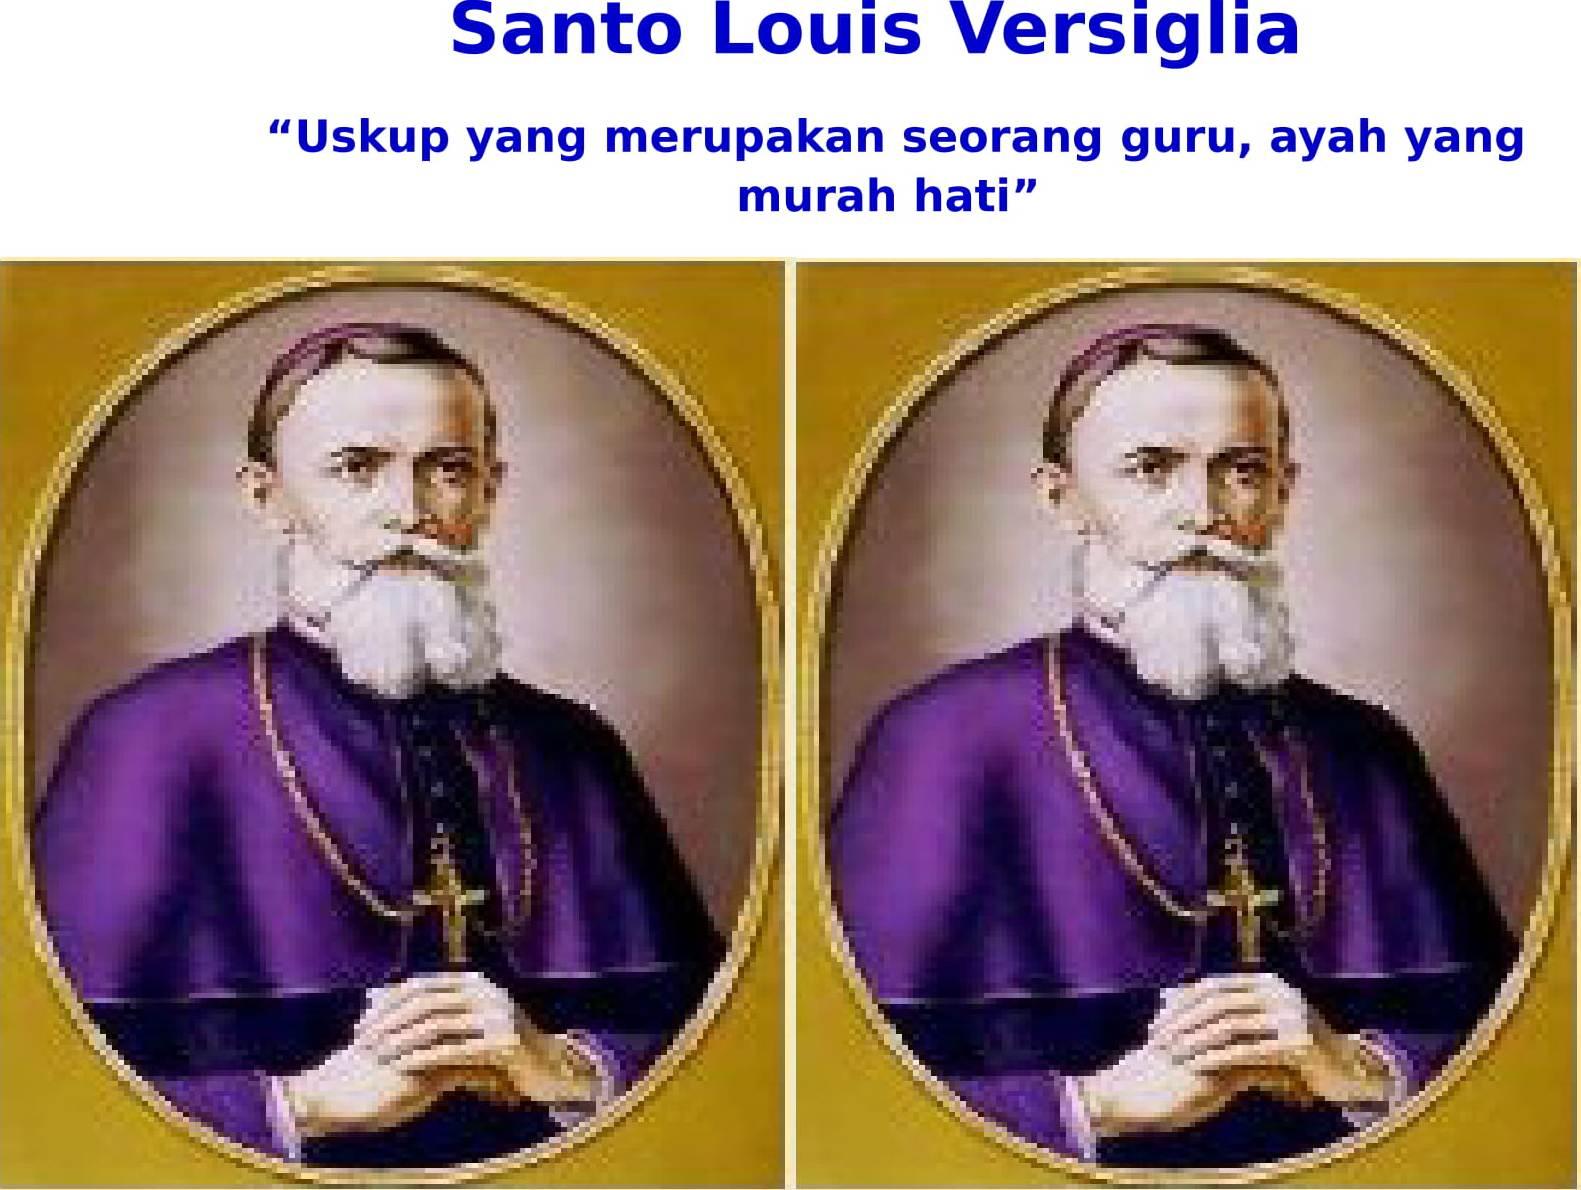 Santo santa 25 Februari